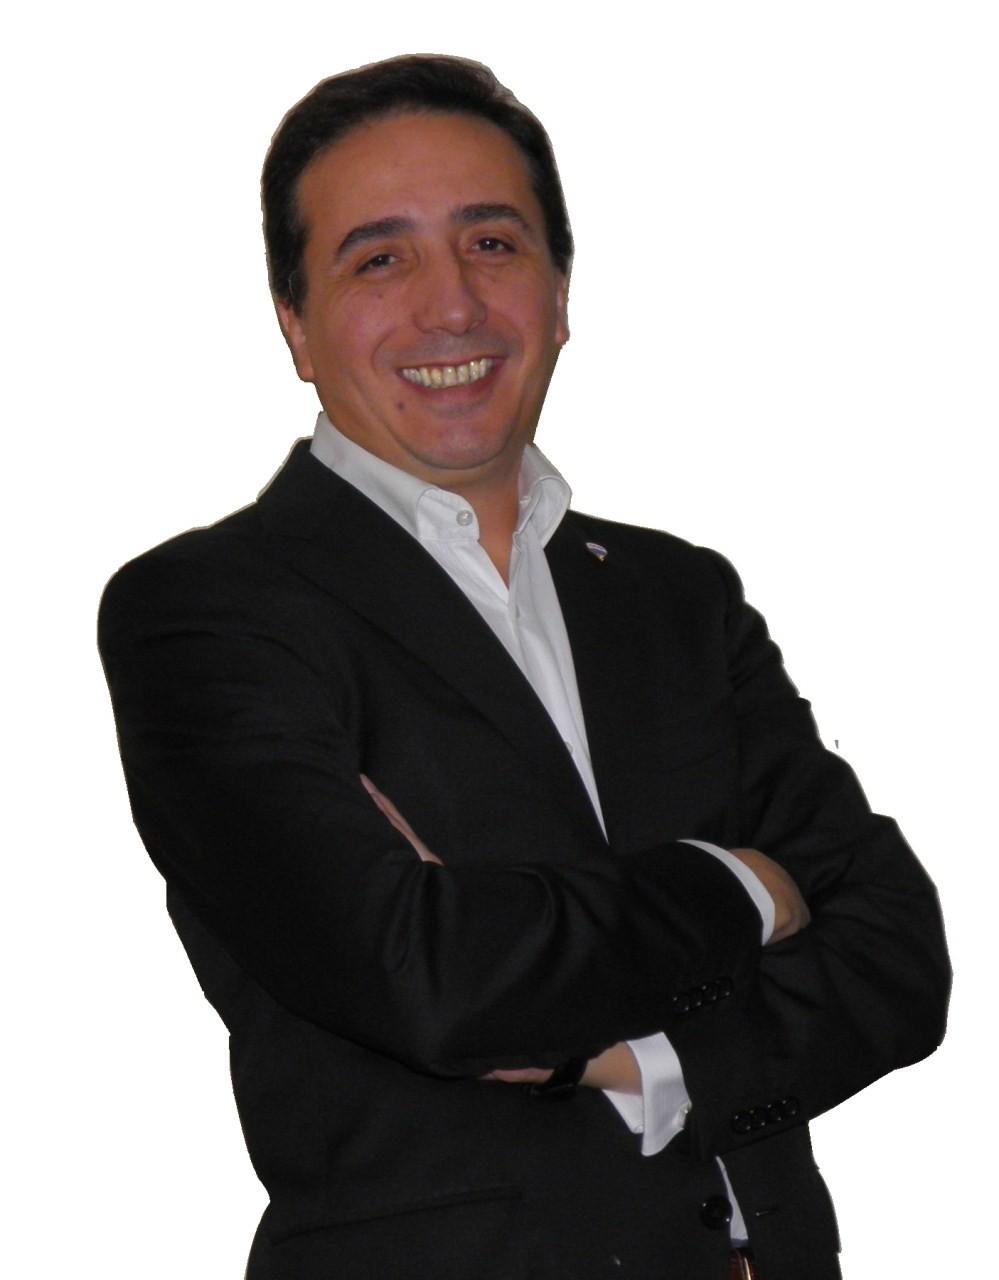 Miguel Ruiz-Valdepeñas Herreros